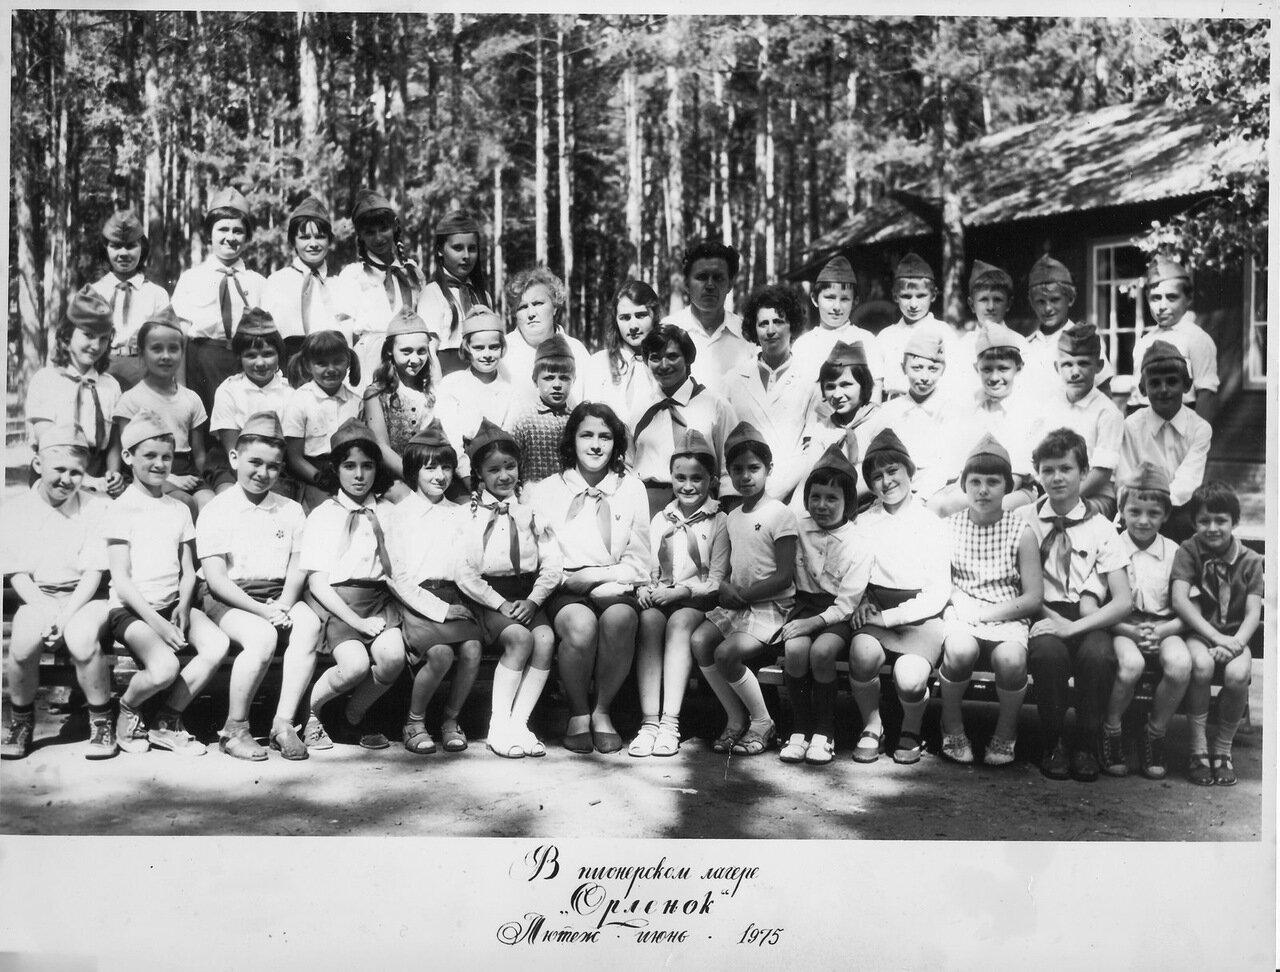 рассказы порно о пионерском лагере фото